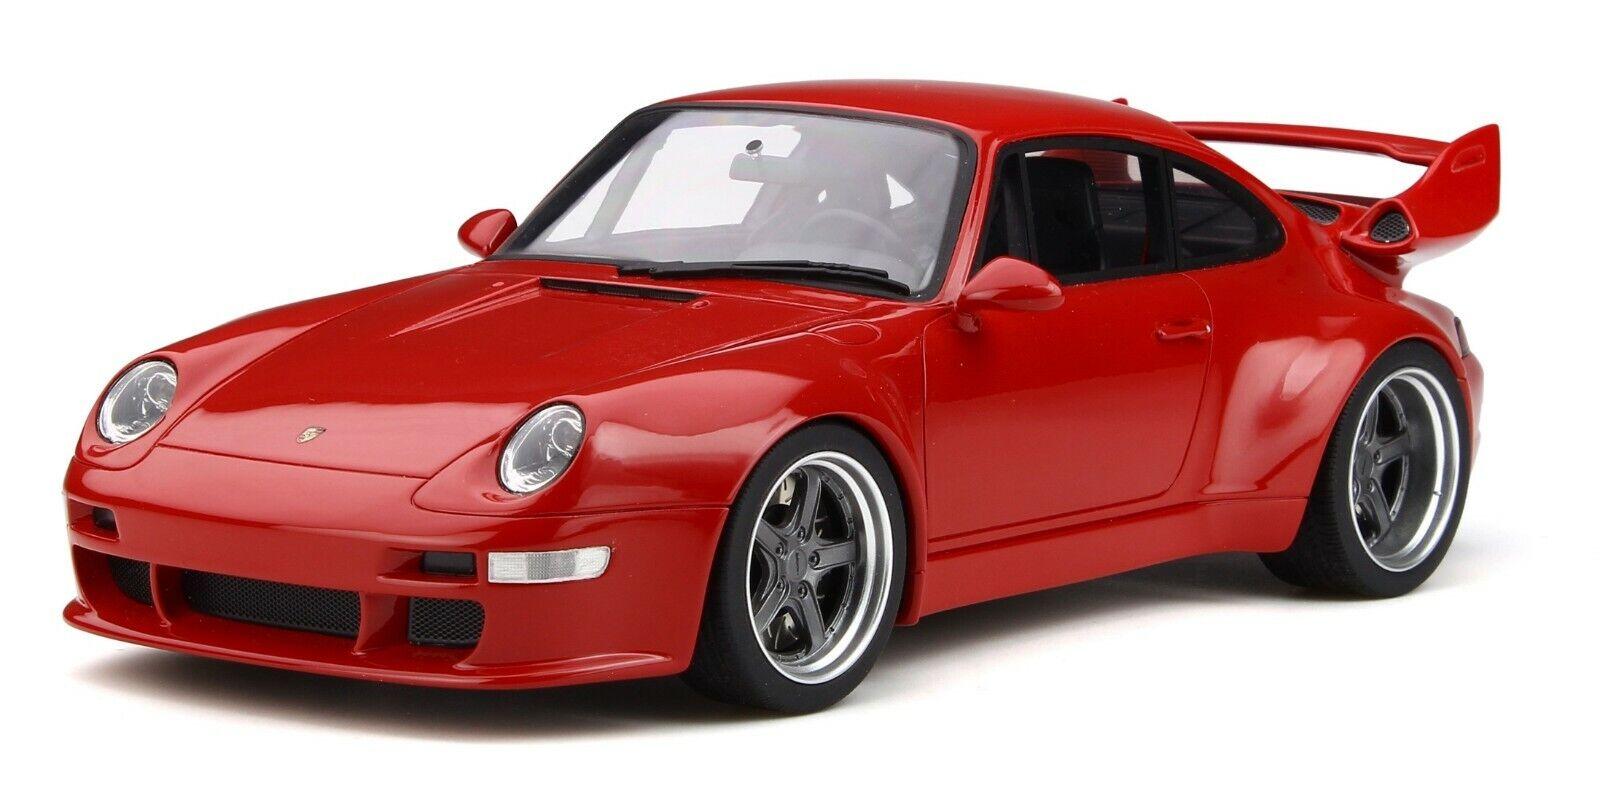 Porsche 911 993 Gunther Werks 400R  Carmin Red  GT210  Limitiert GT Spirit  1 18